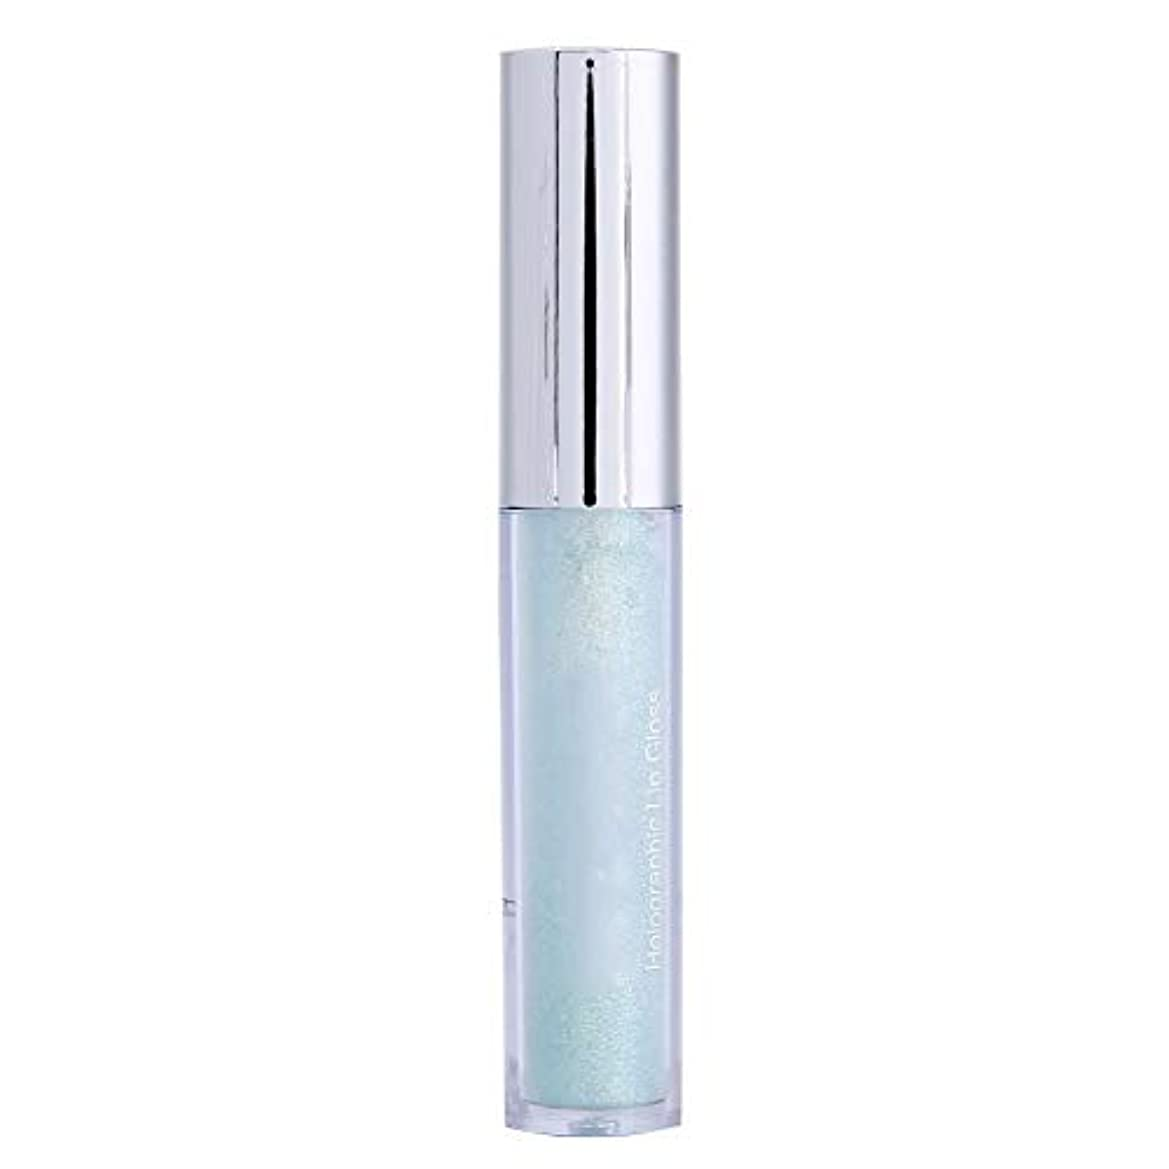 推定究極の防水リップリップスティック化粧道具(1#)